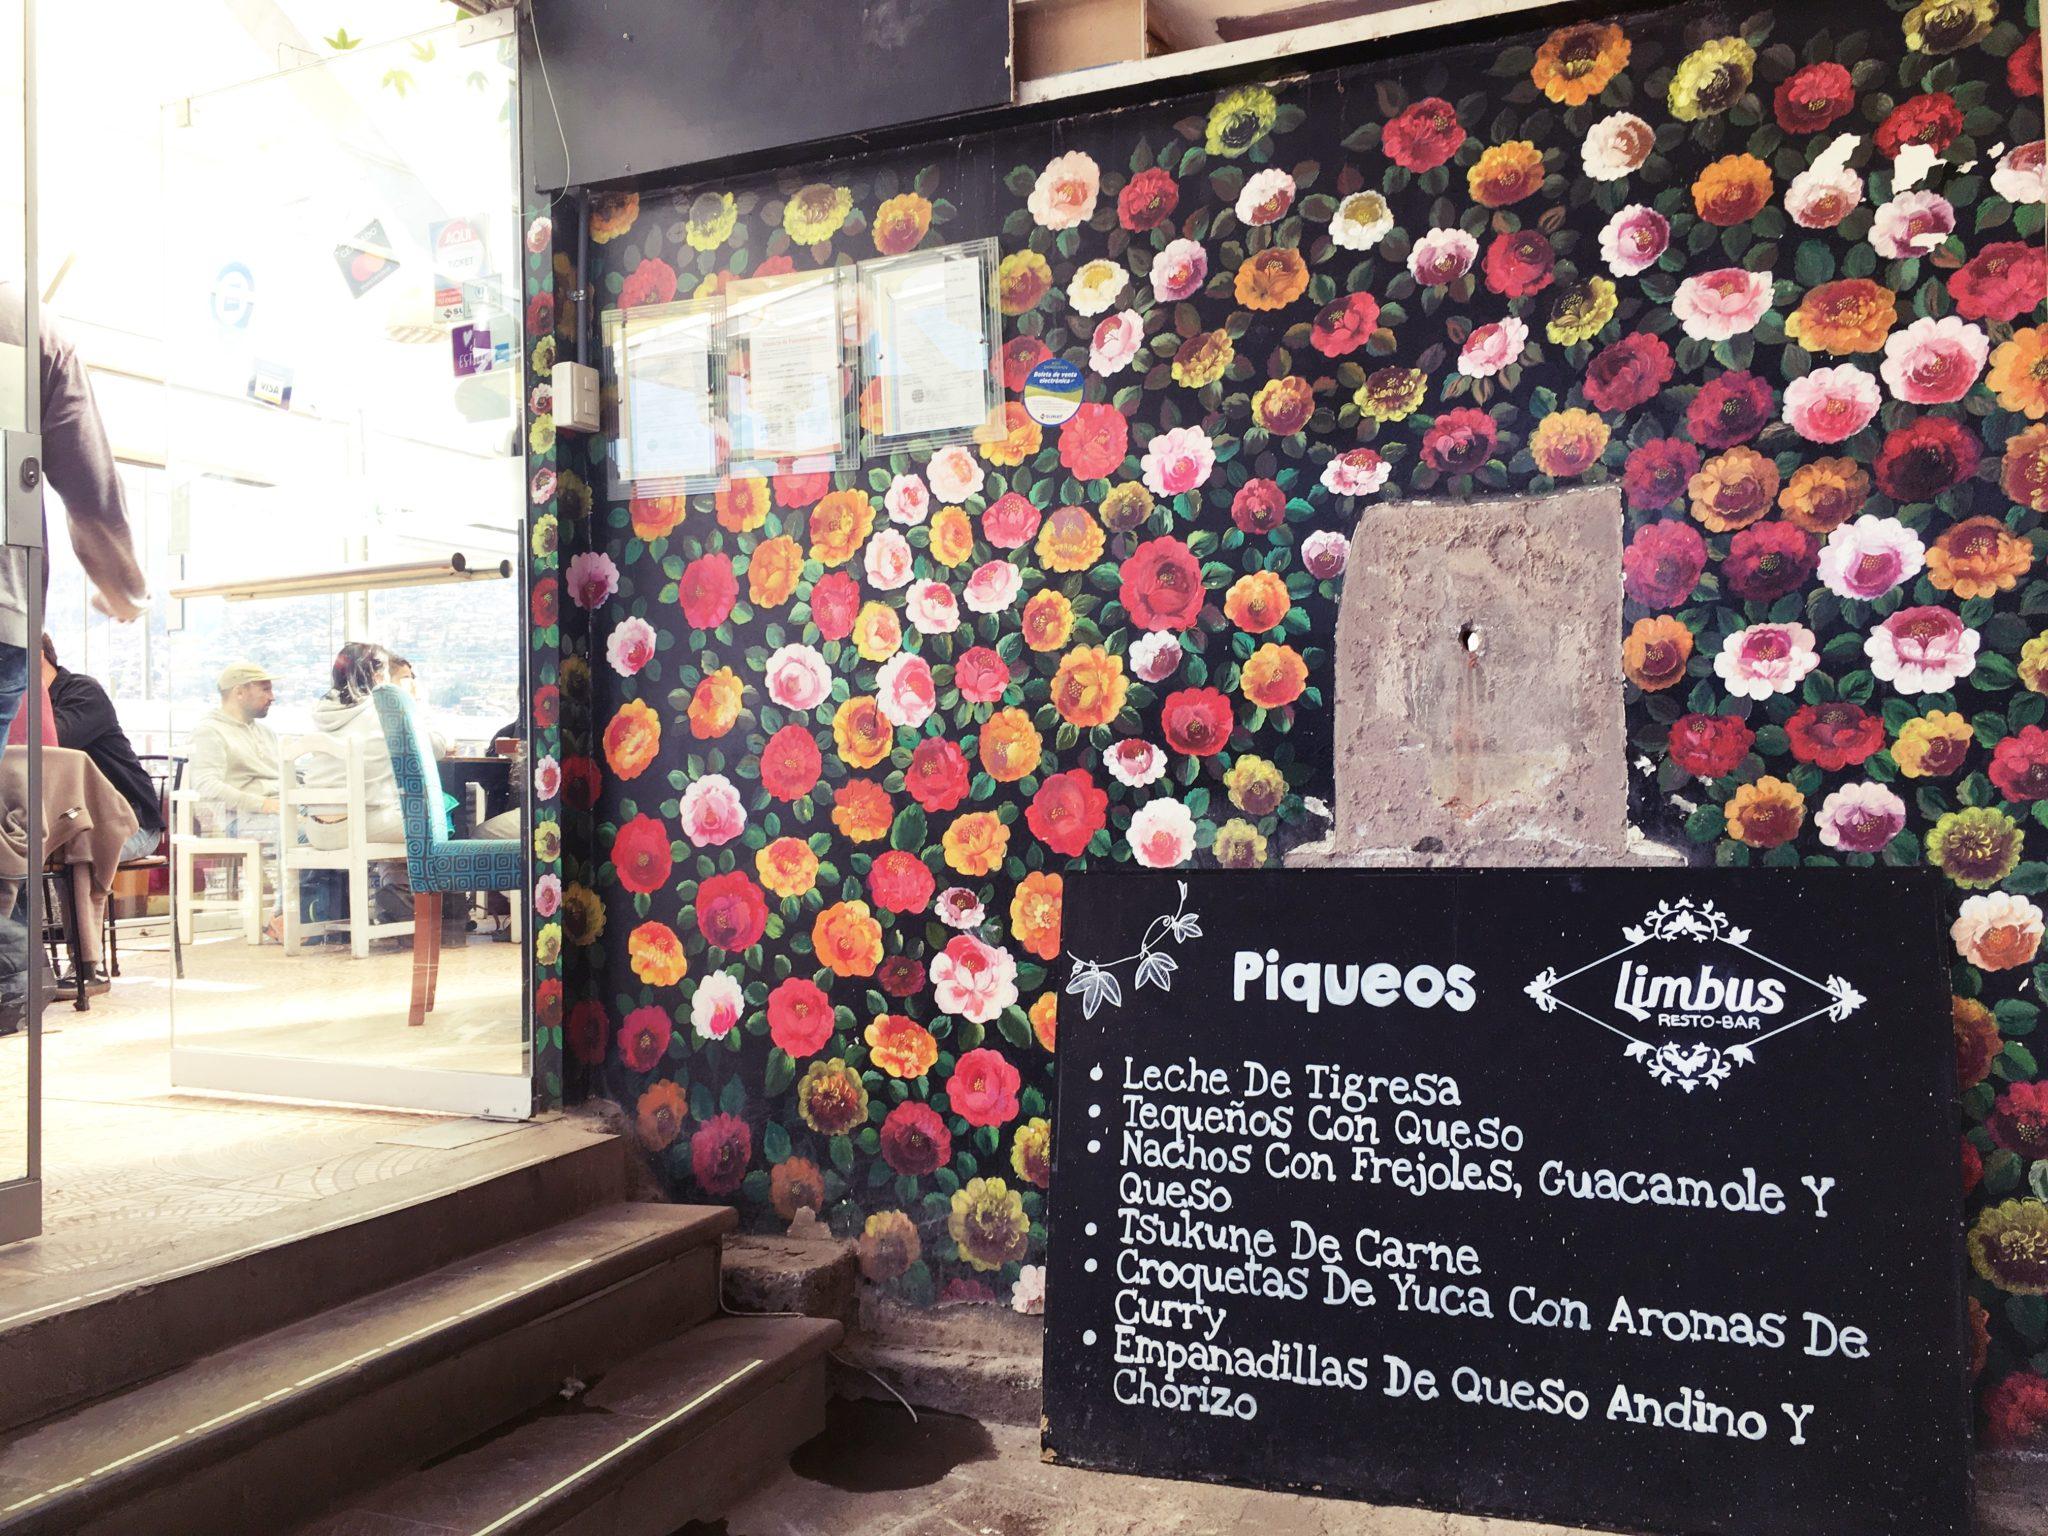 ペルー, クスコ, サン・ブラス, San Blas, おすすめ, レストラン, 絶景, Limbus